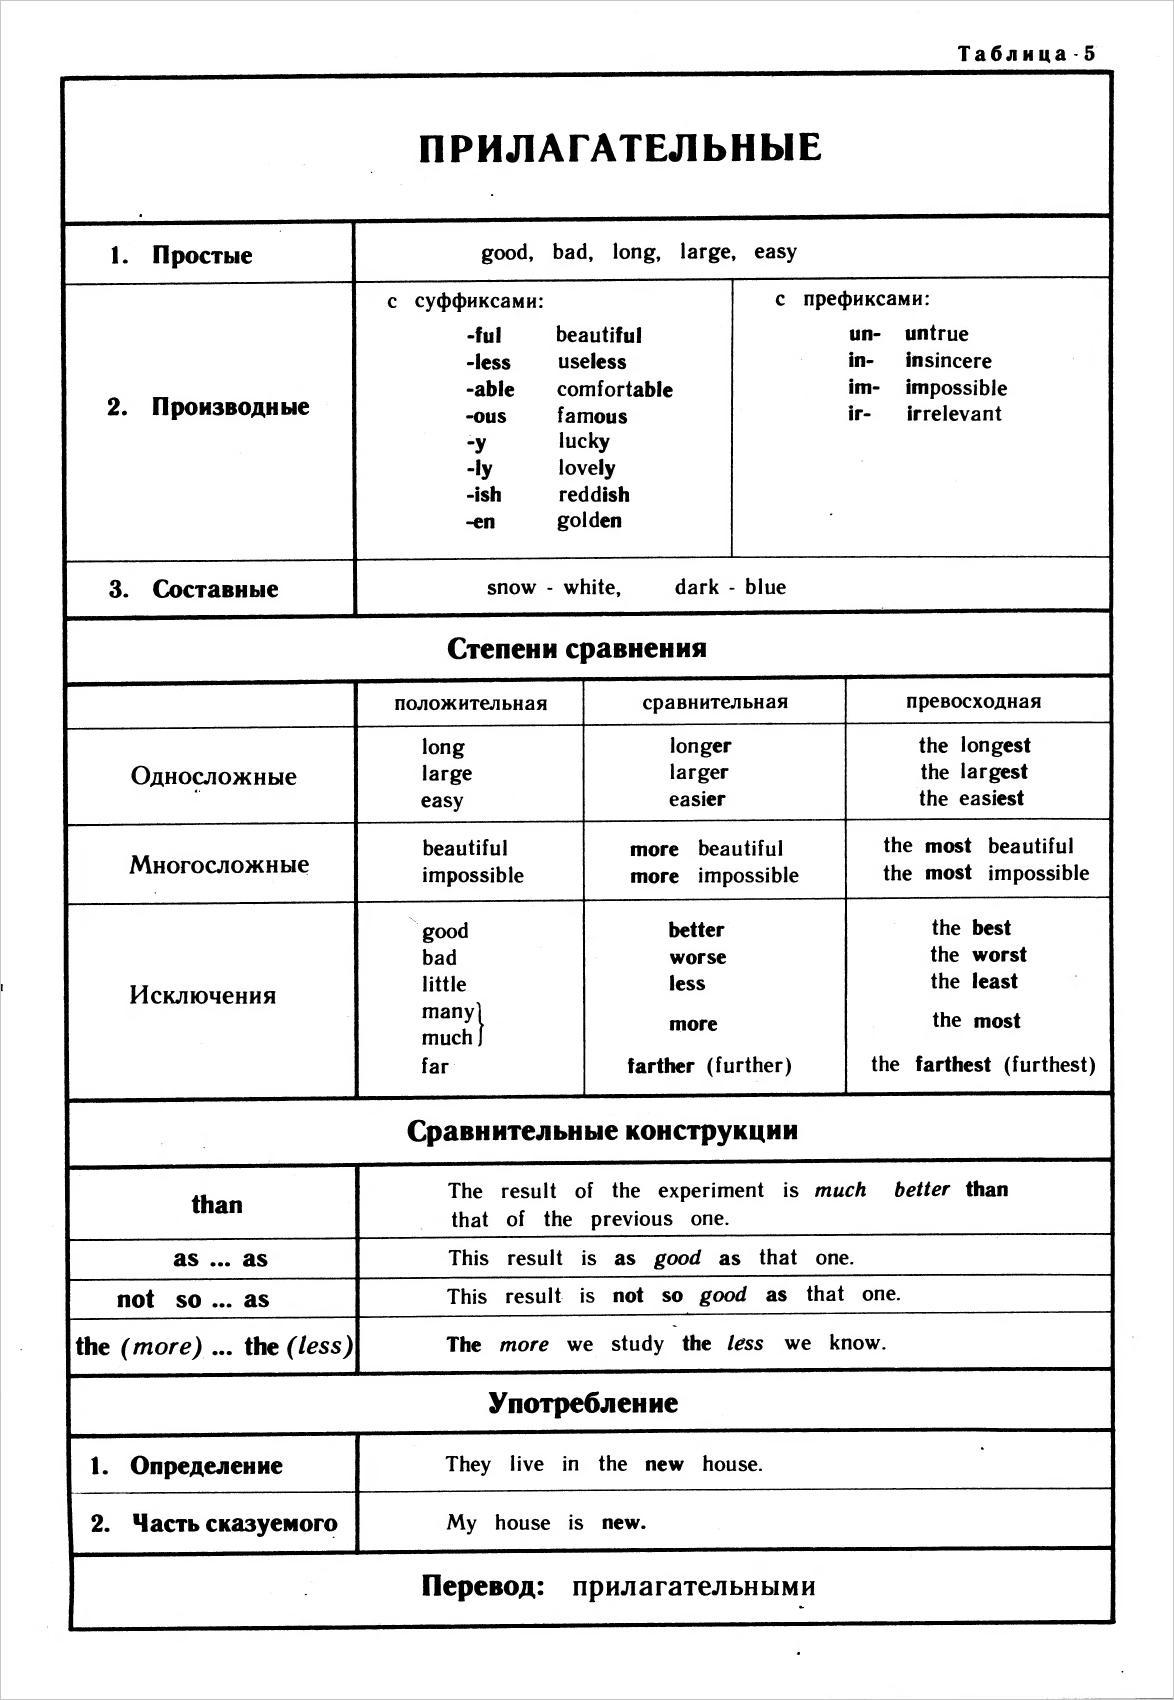 Скачать таблицу английские